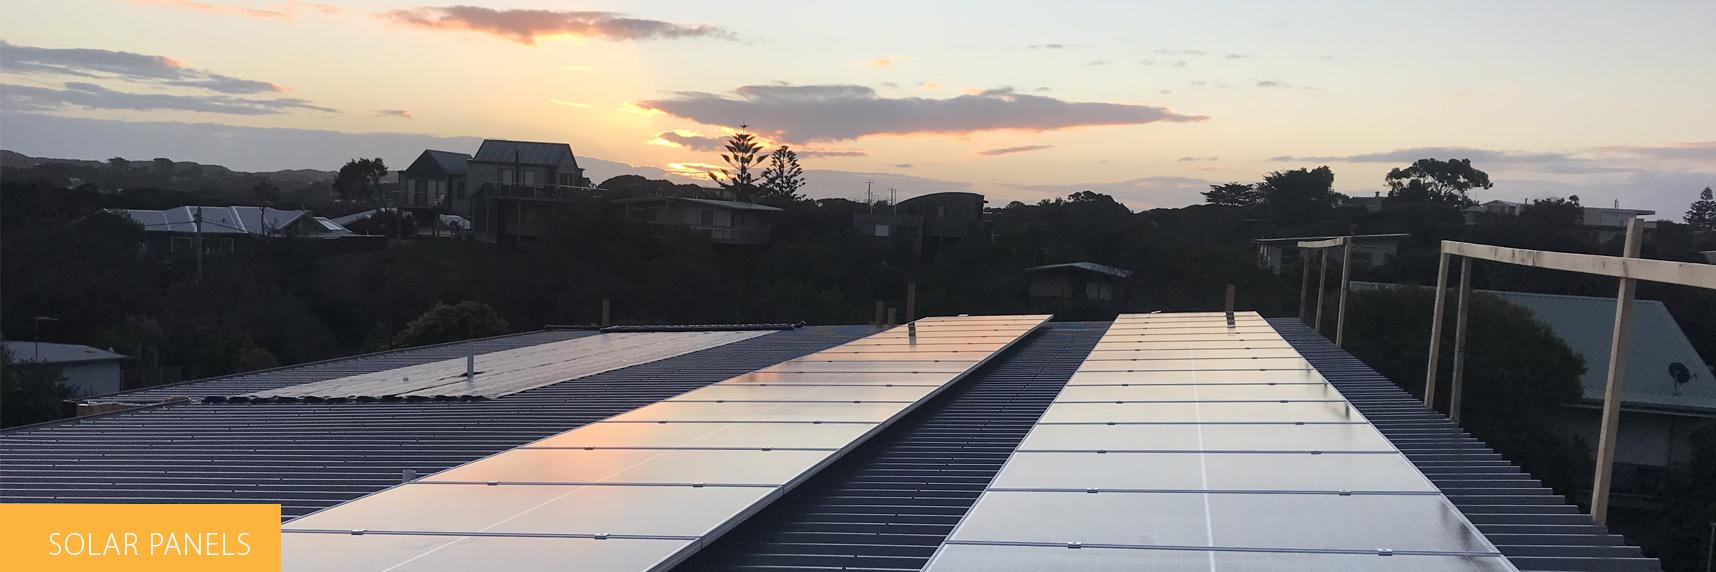 slider-4-solar-panels